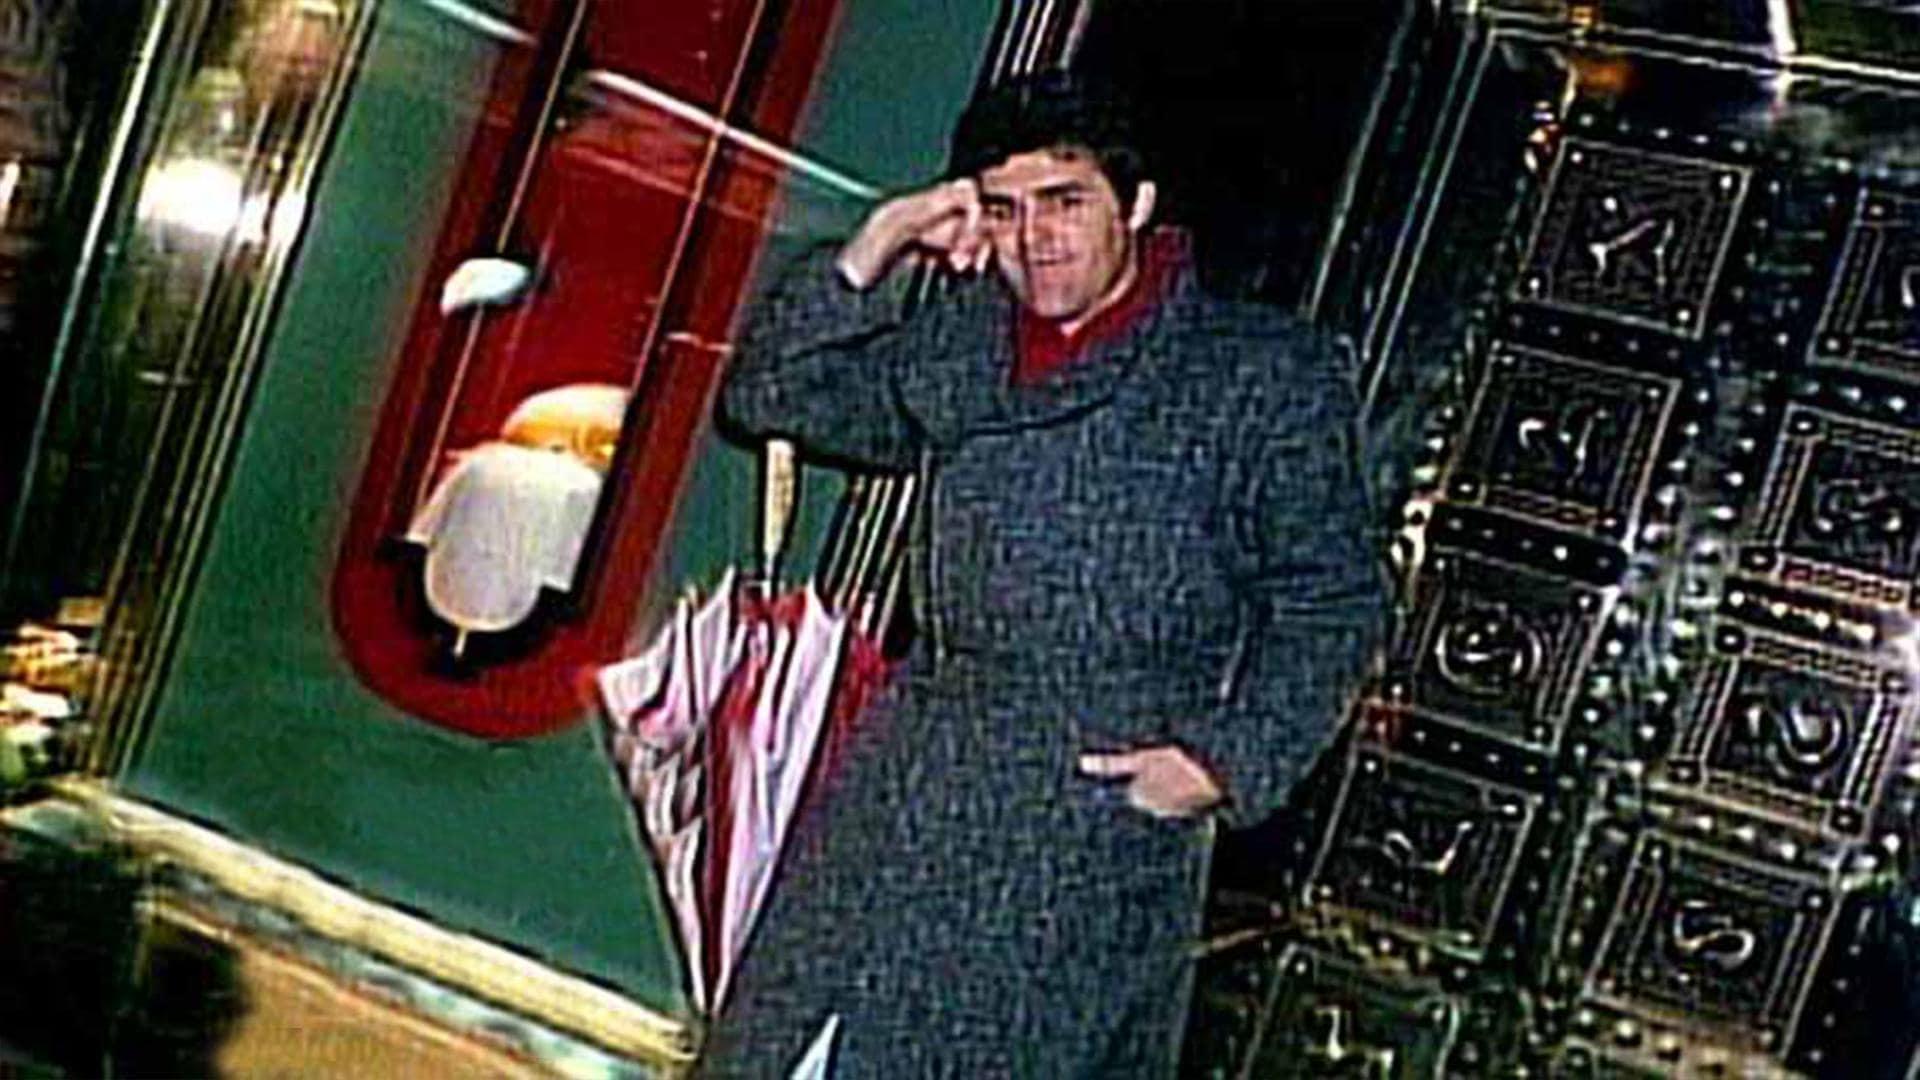 Jay Leno: December 22, 1986